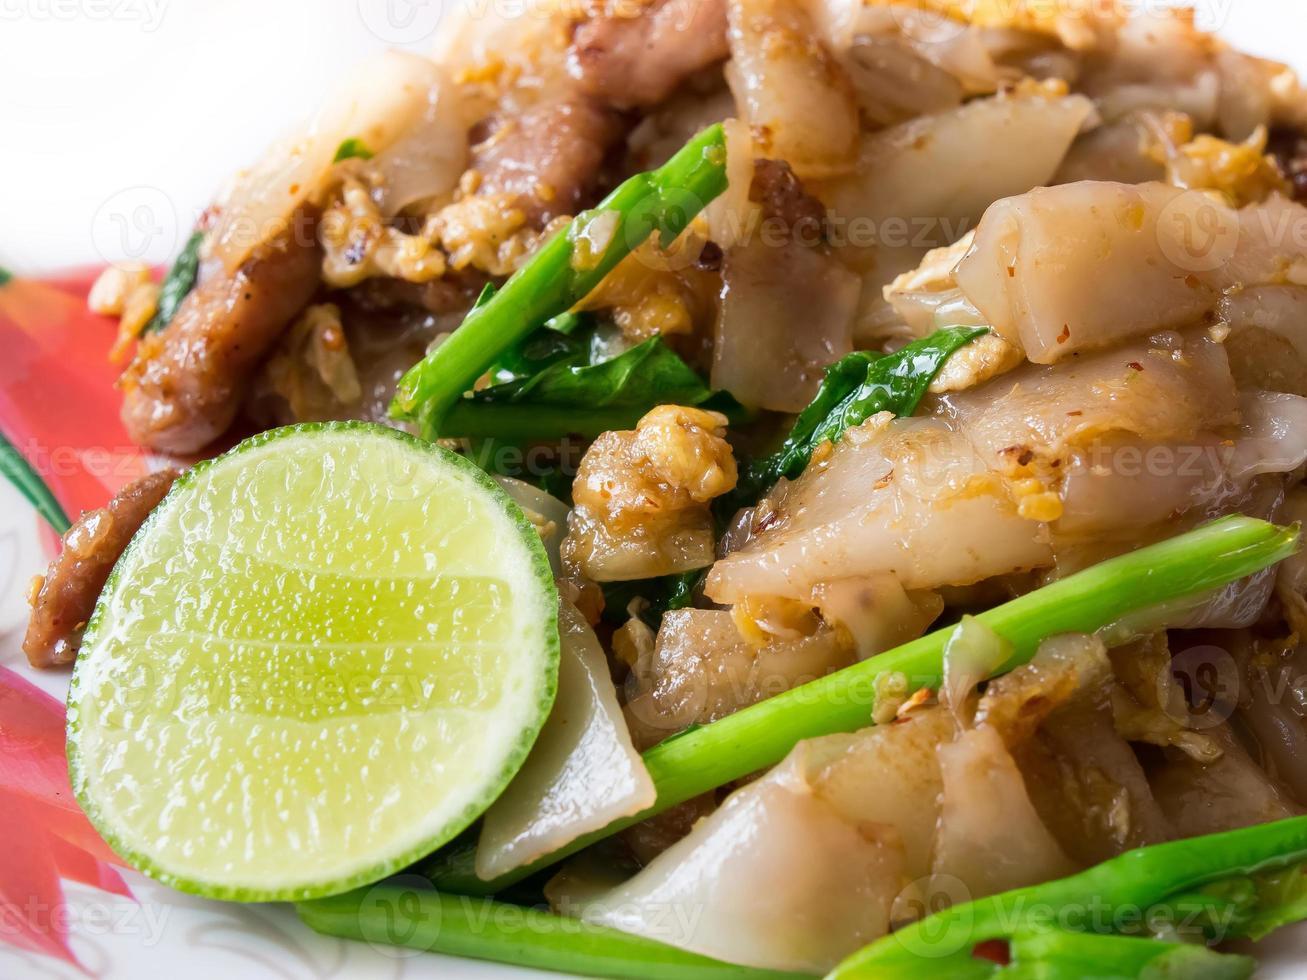 nouilles de riz sauté, est l'un des ressortissants thaïlandais photo